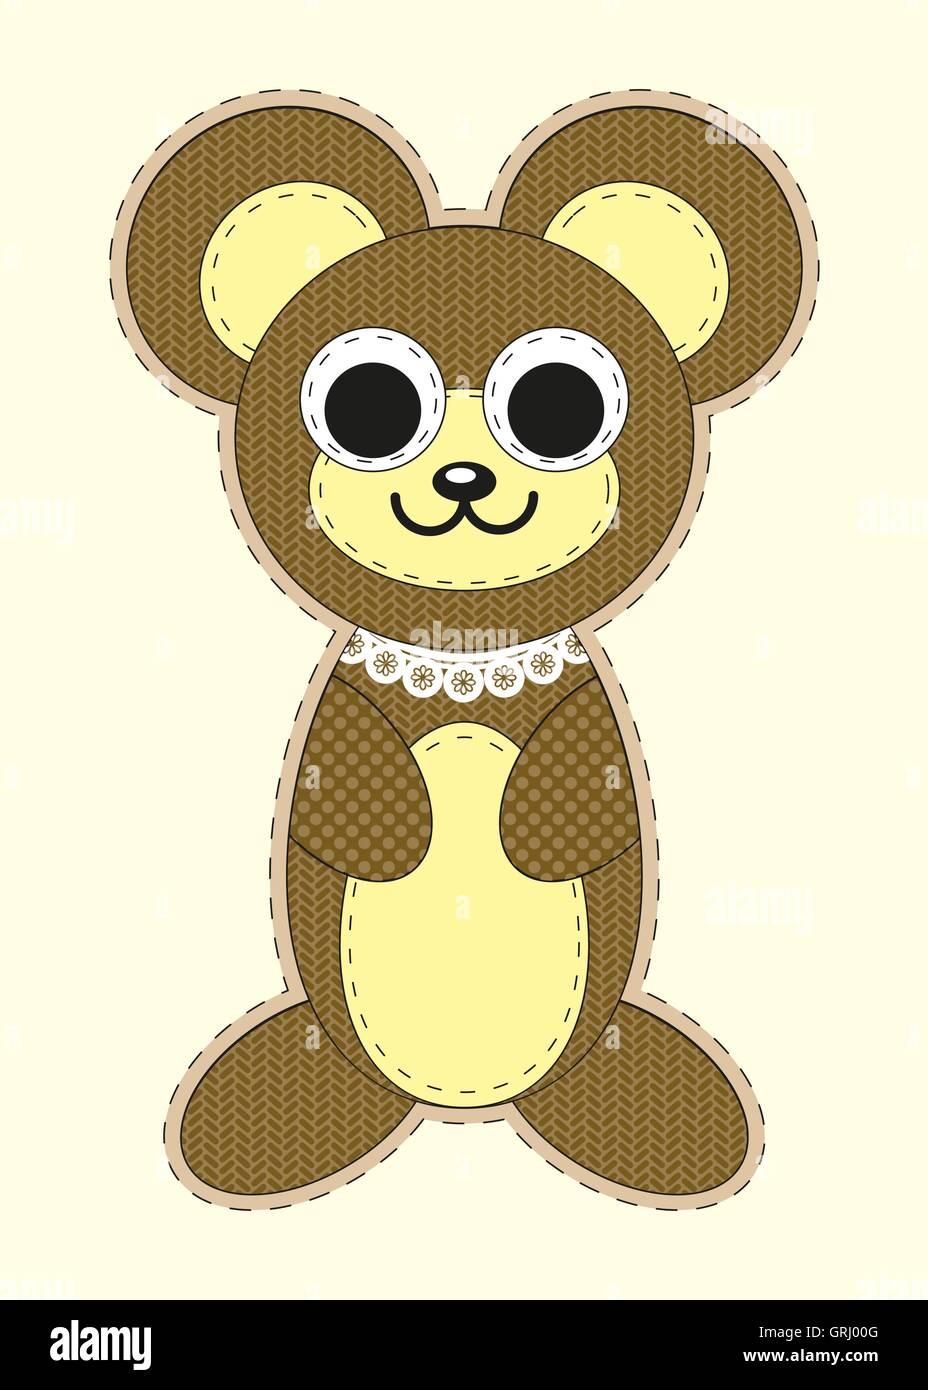 cute cartoon teddy bear in flat design for greeting card invitation